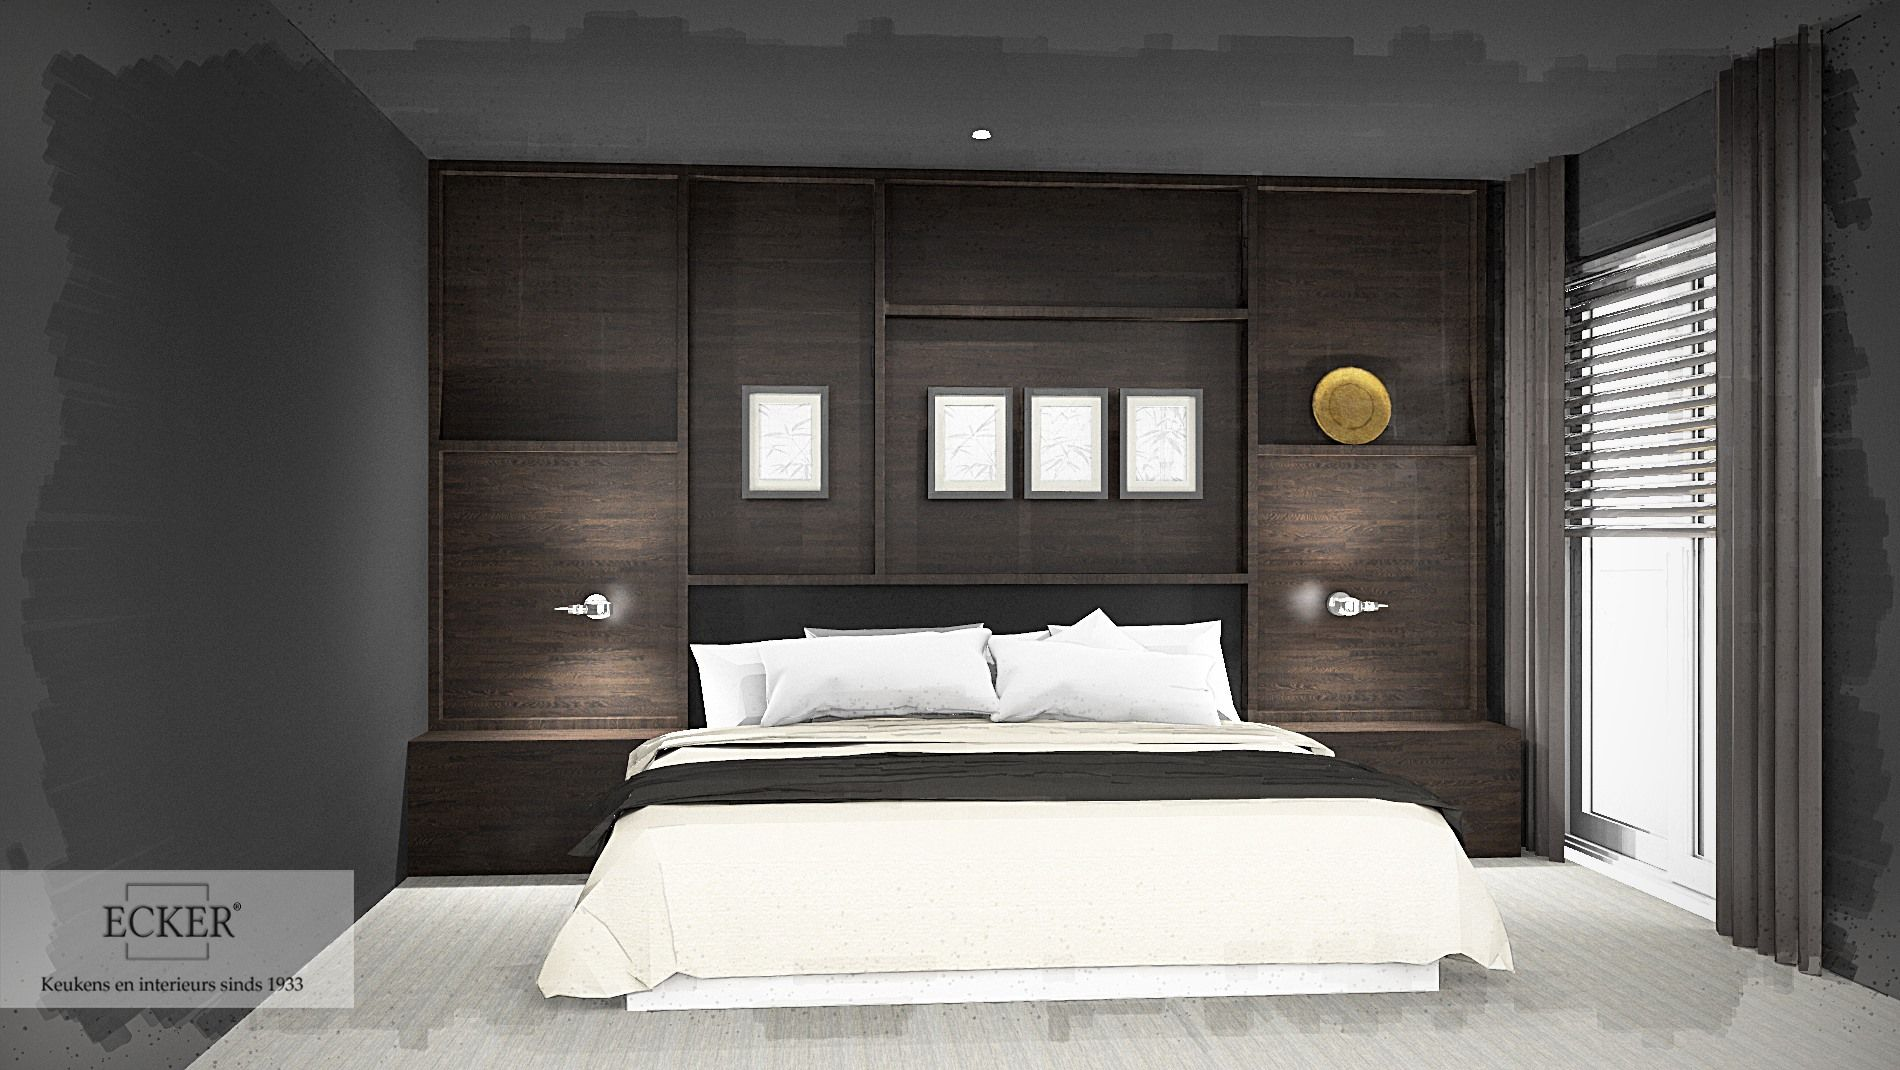 sfeerbeeld nieuwe slaapkamer | maatwerk | pinterest, Deco ideeën